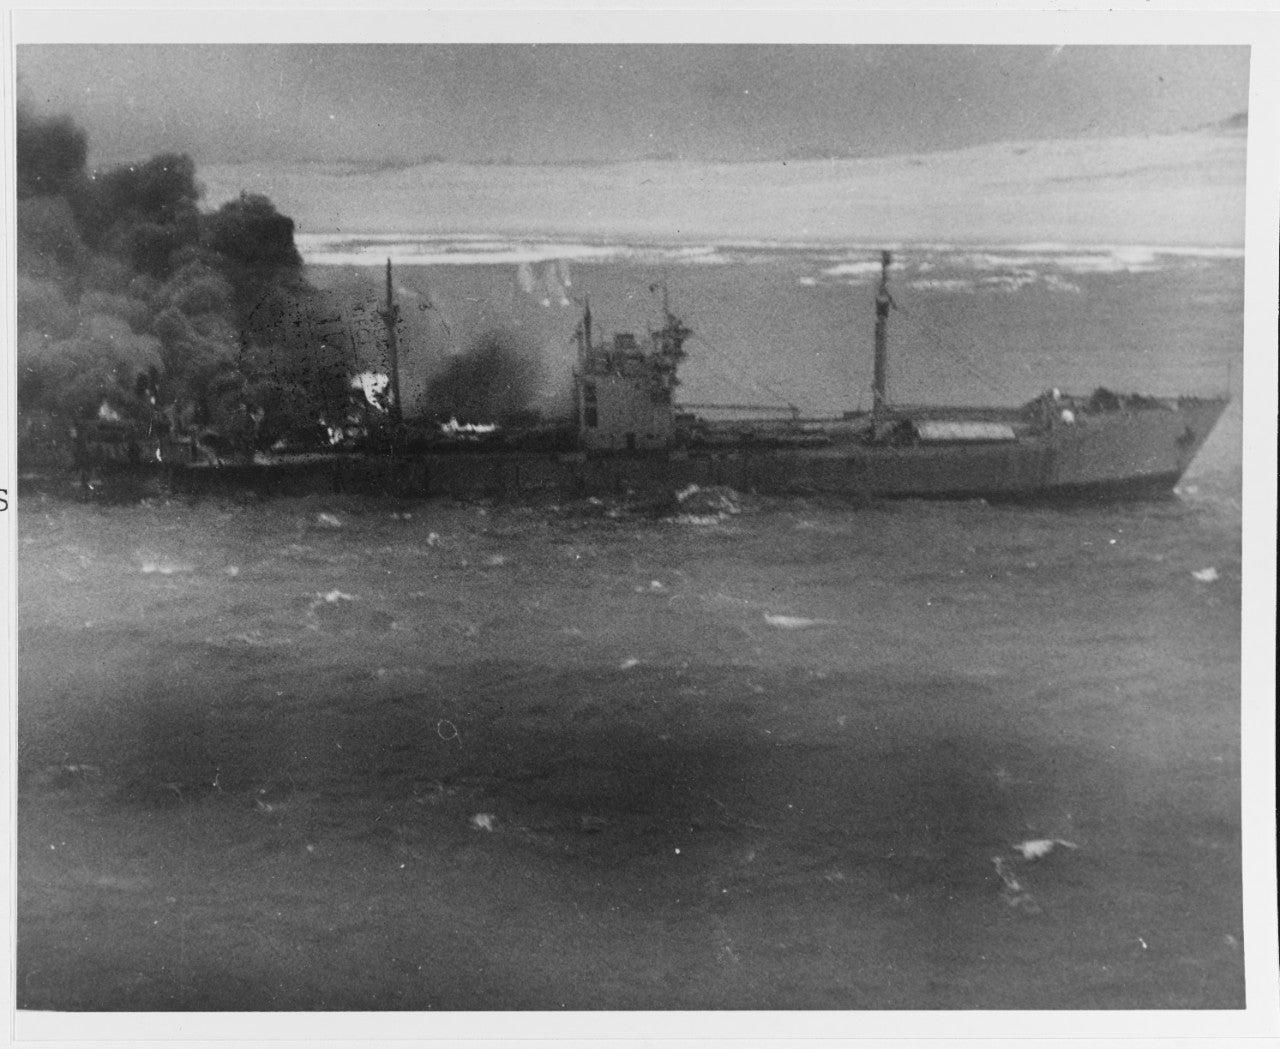 海軍艦艇つれづれ「ヒ八六船団」の悲劇と苛烈な海防艦の戦闘